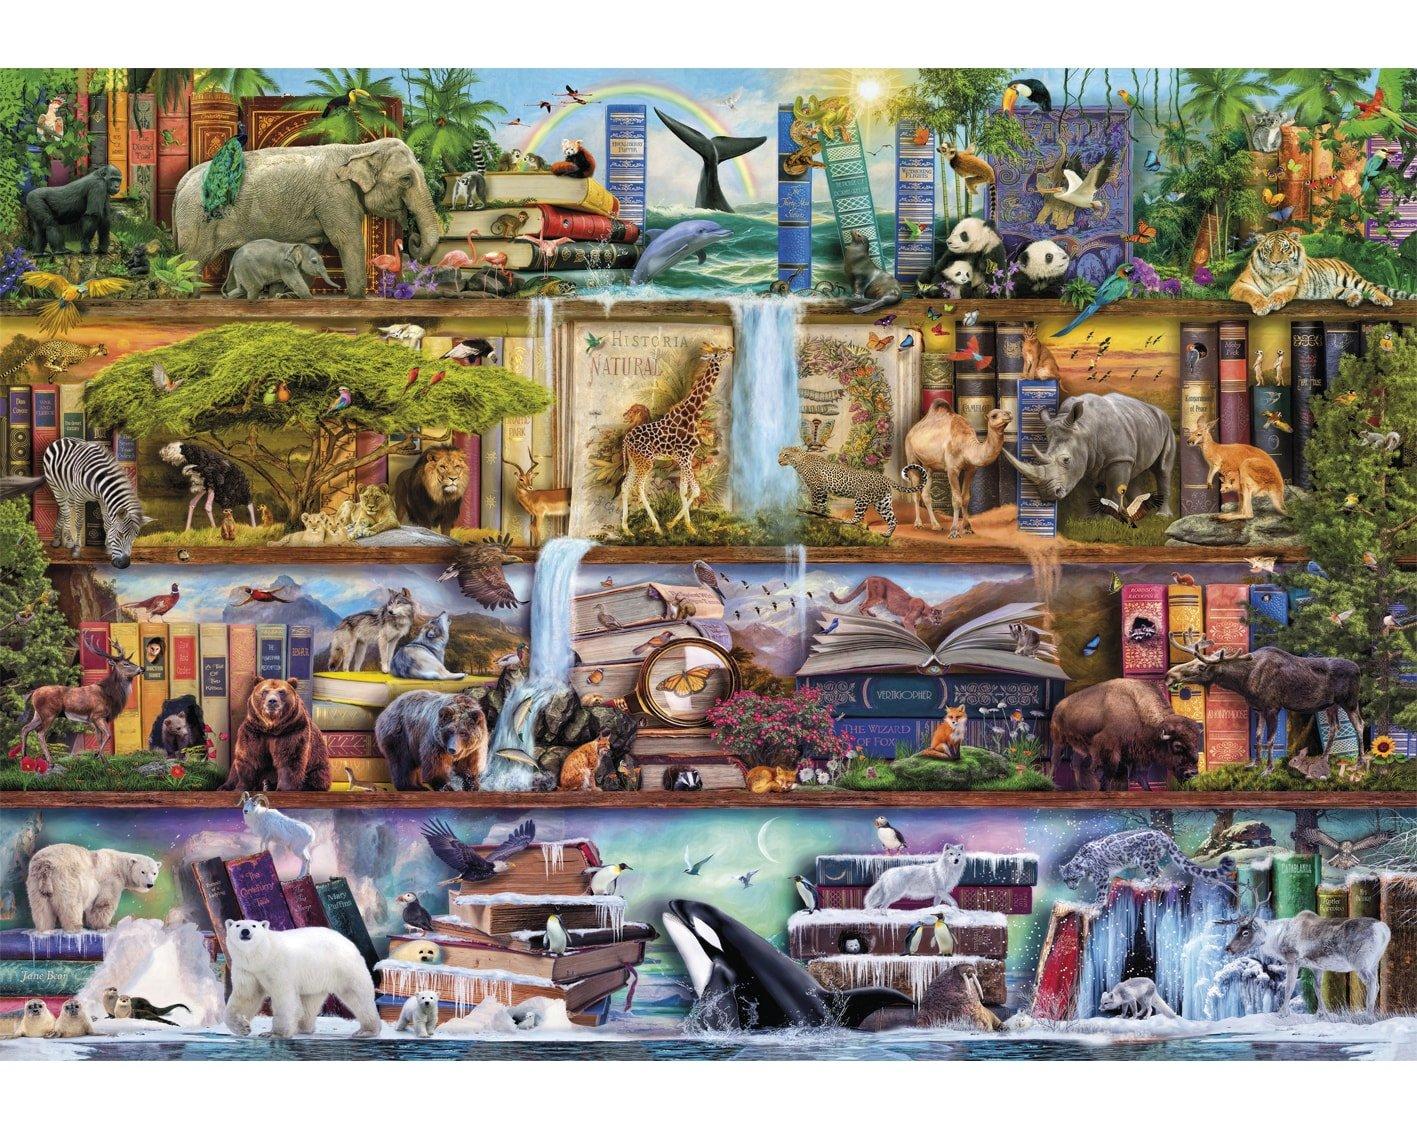 The Amazing Animal Kingdom Animals Nature Jigsaw Puzzles